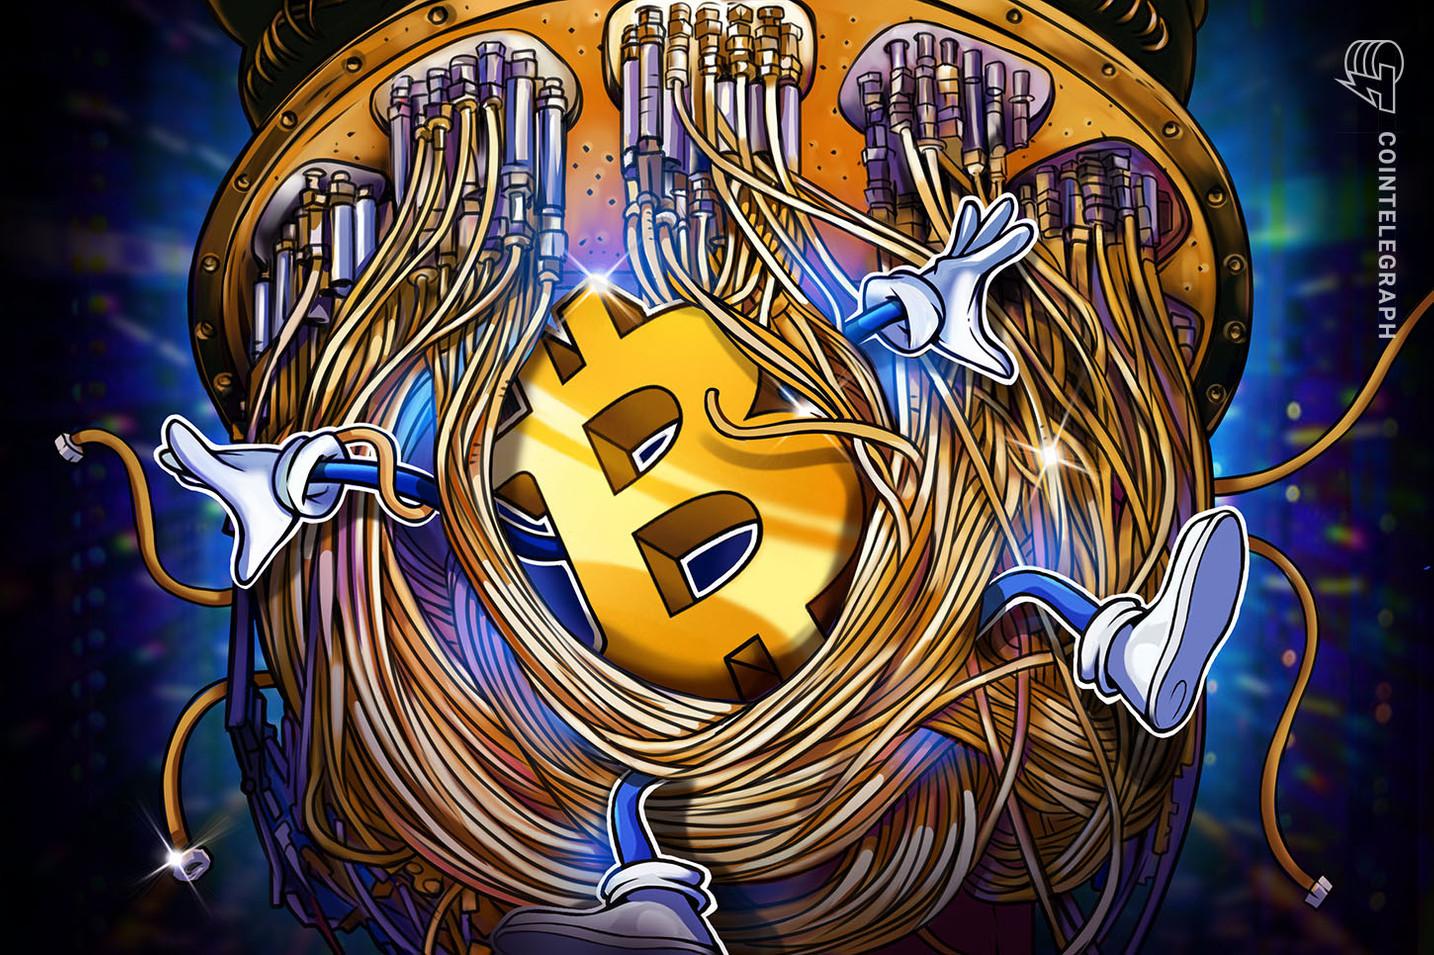 Will Google's Quantum Supremacy Break Bitcoin in 2020?